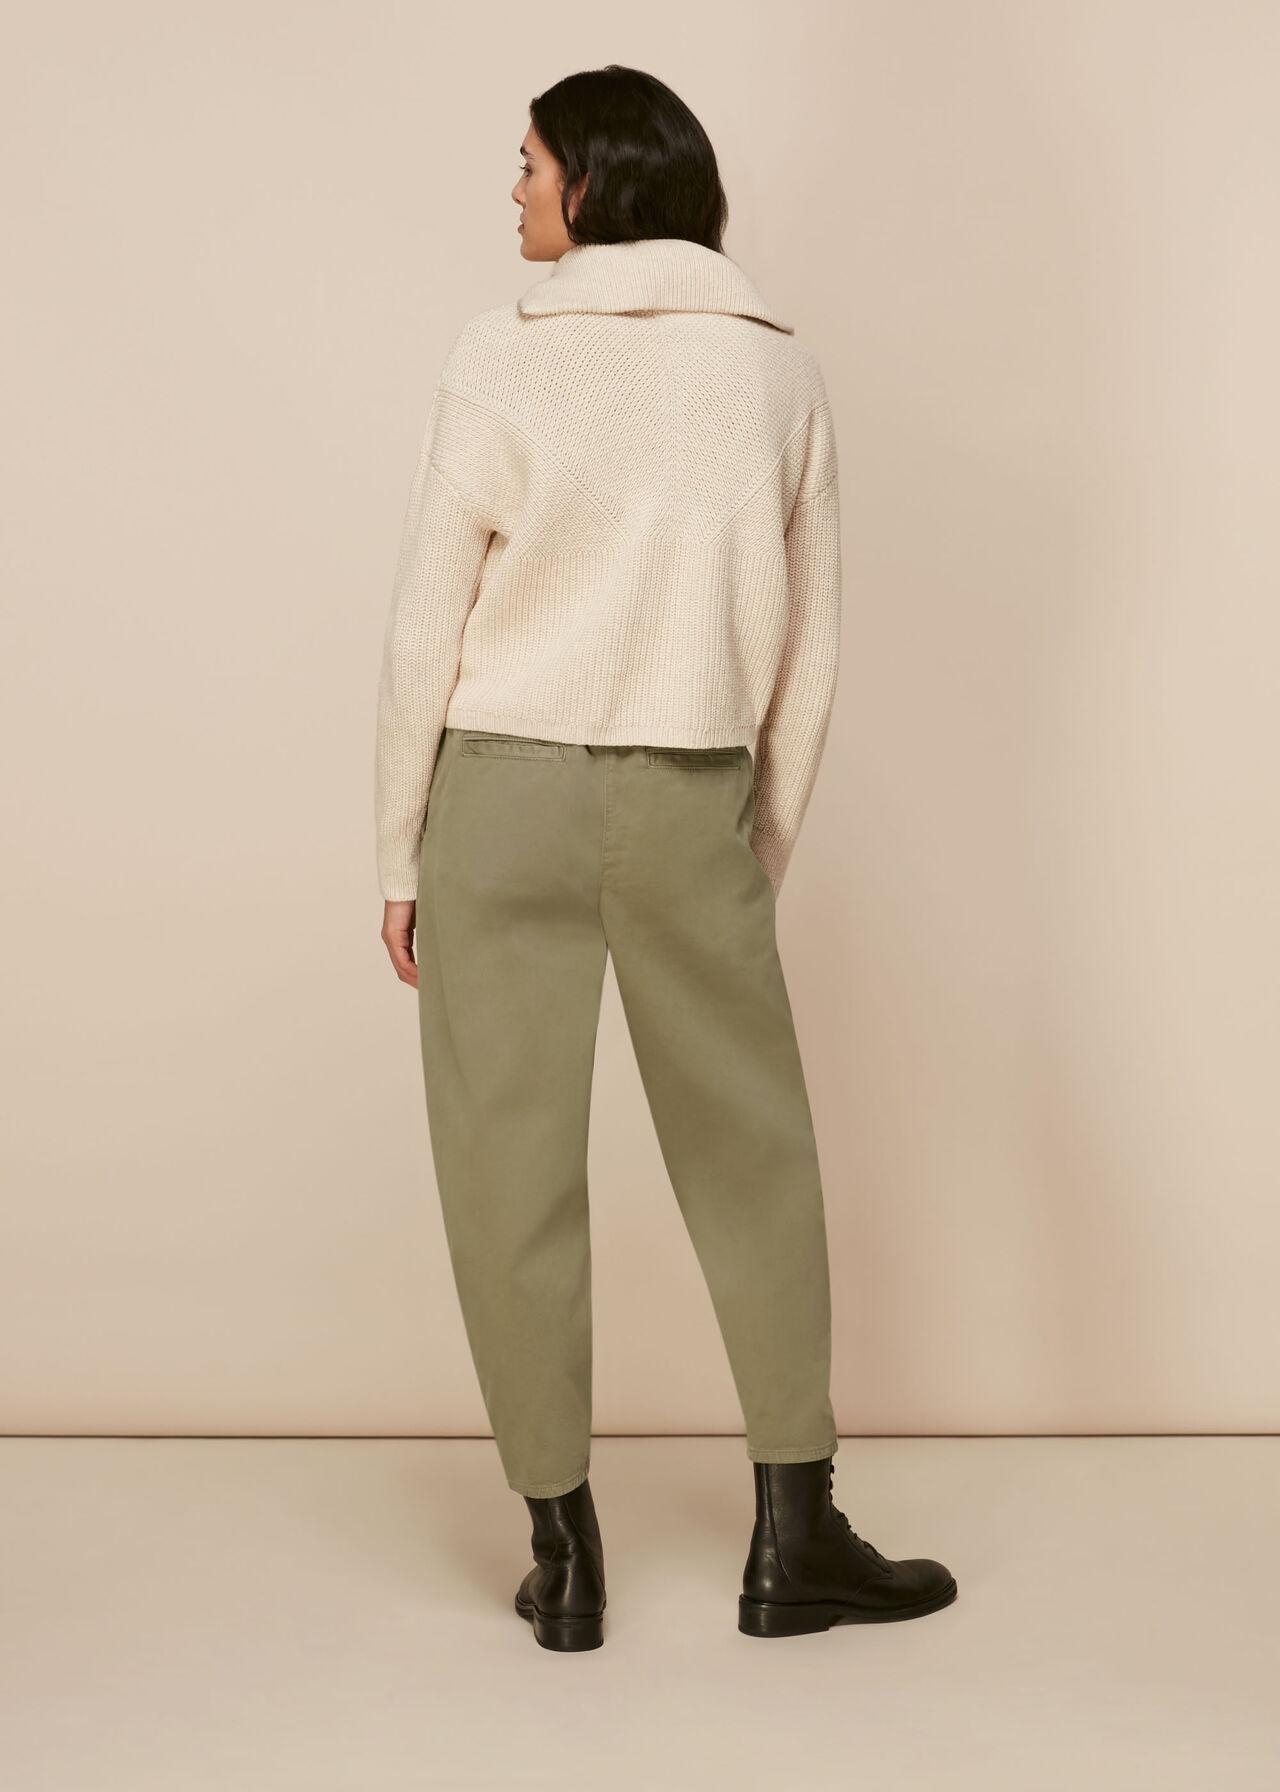 Myla Barrel Trouser